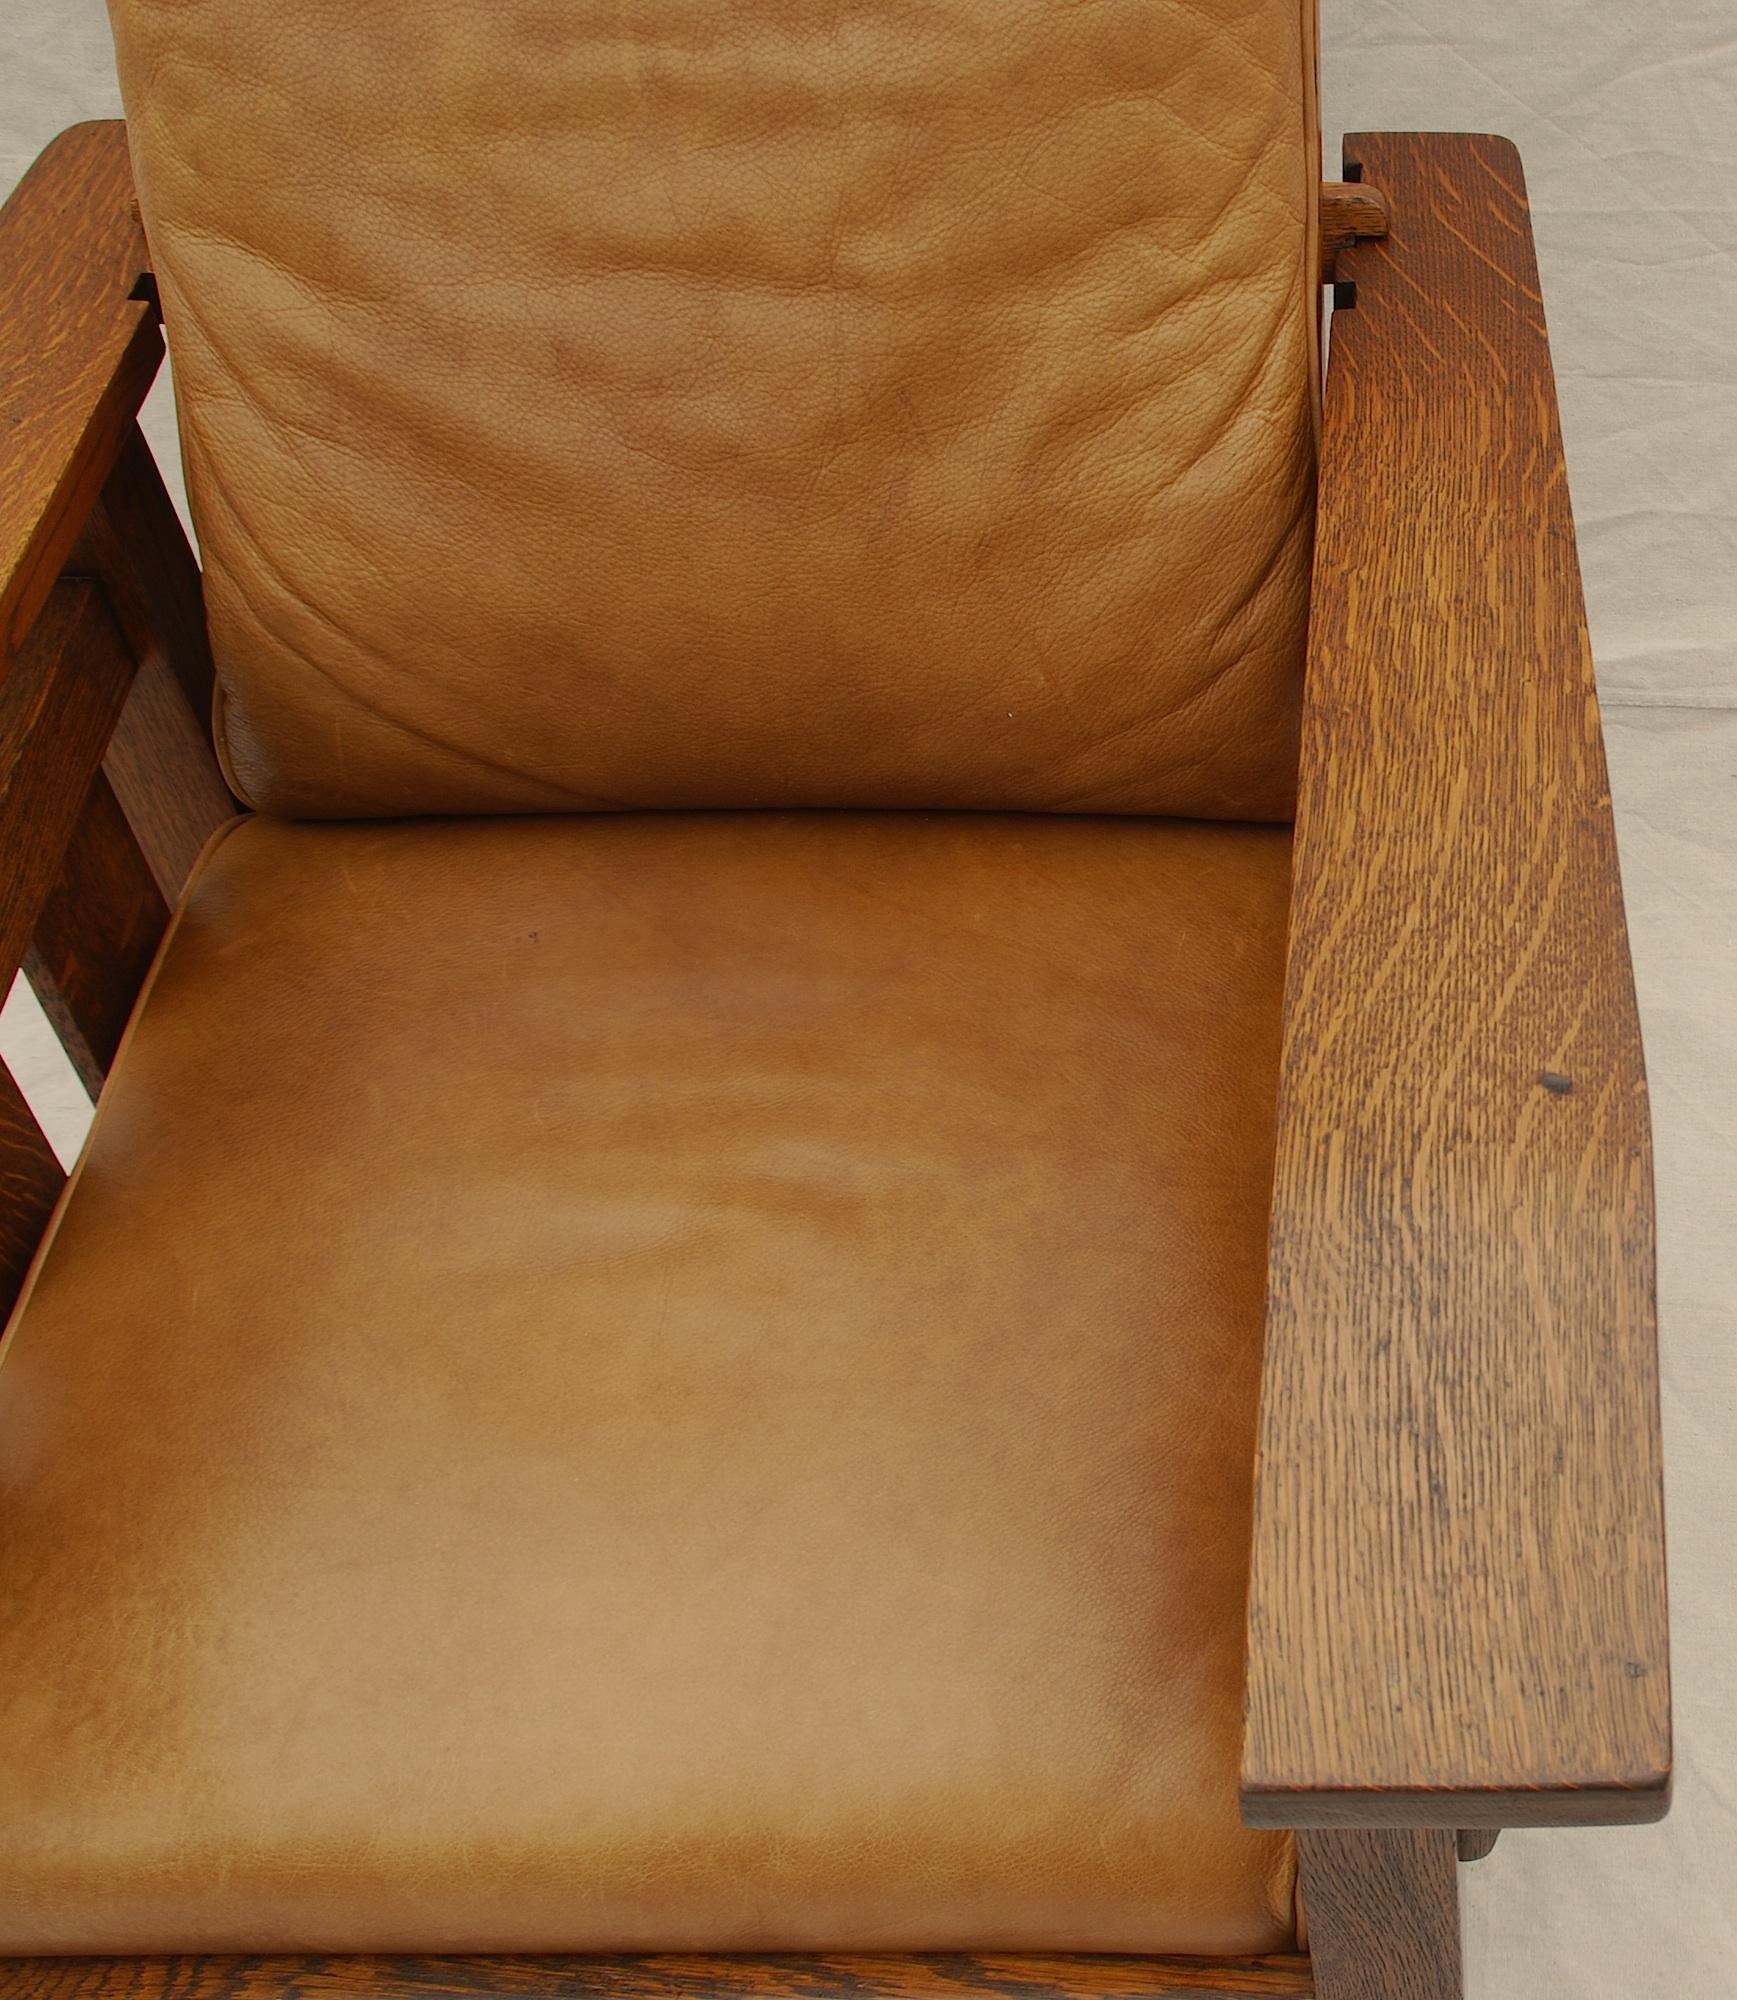 Morris chair cushions - Small Burn On Arm